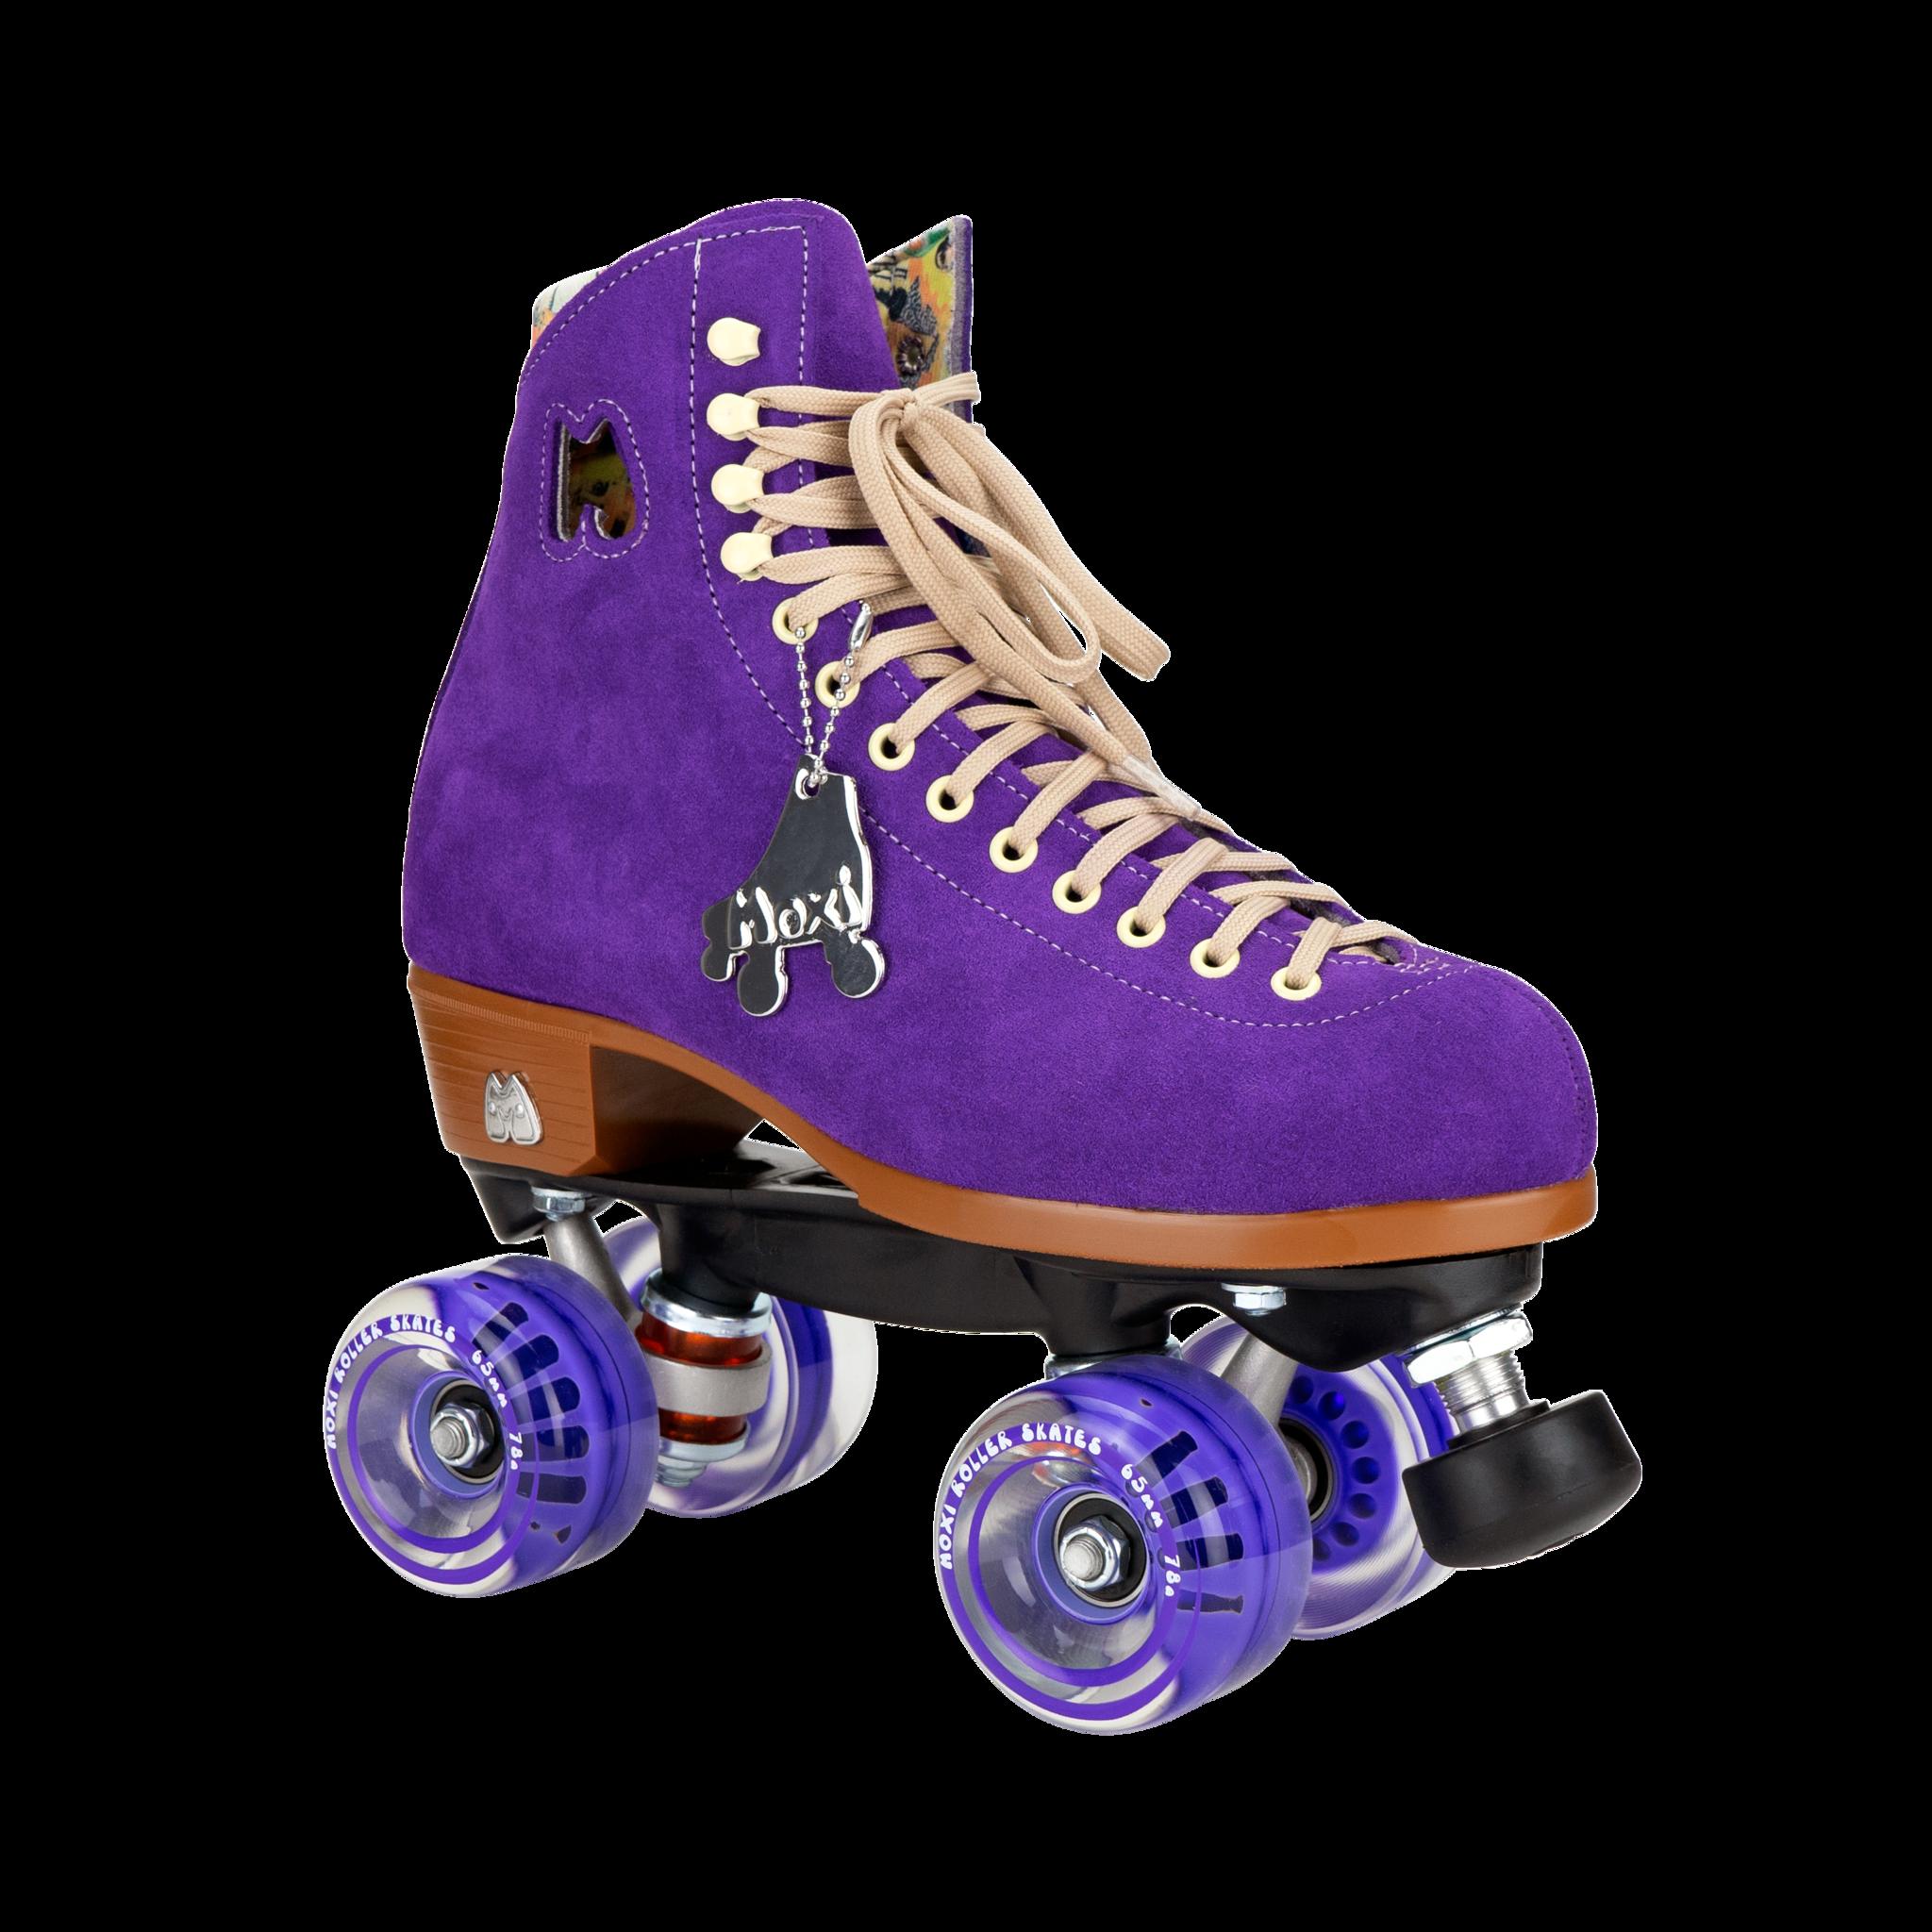 Moxi Lolly Taffy Purple